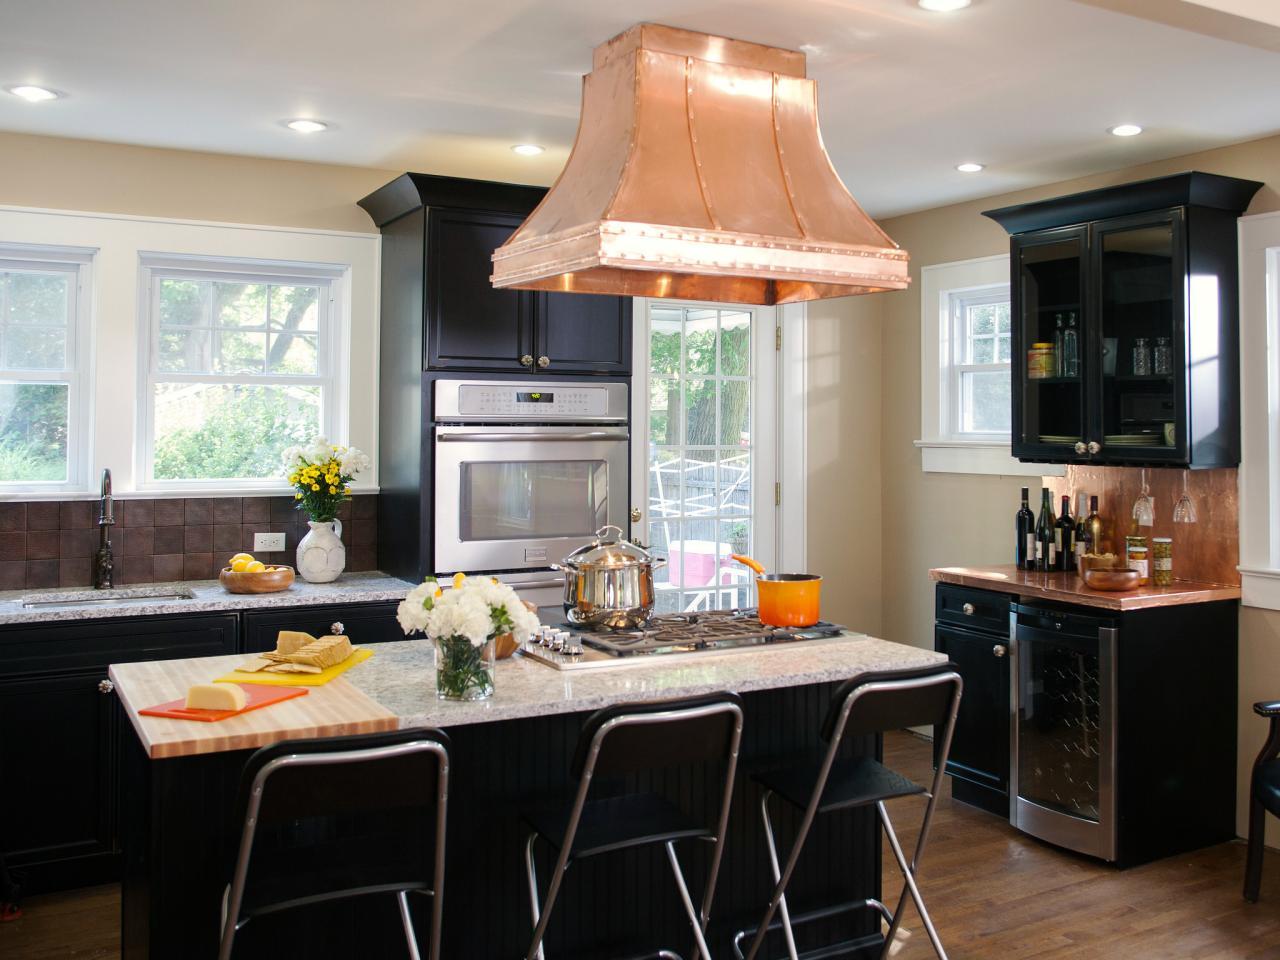 Как подключить вытяжку на кухне: действуем с умом